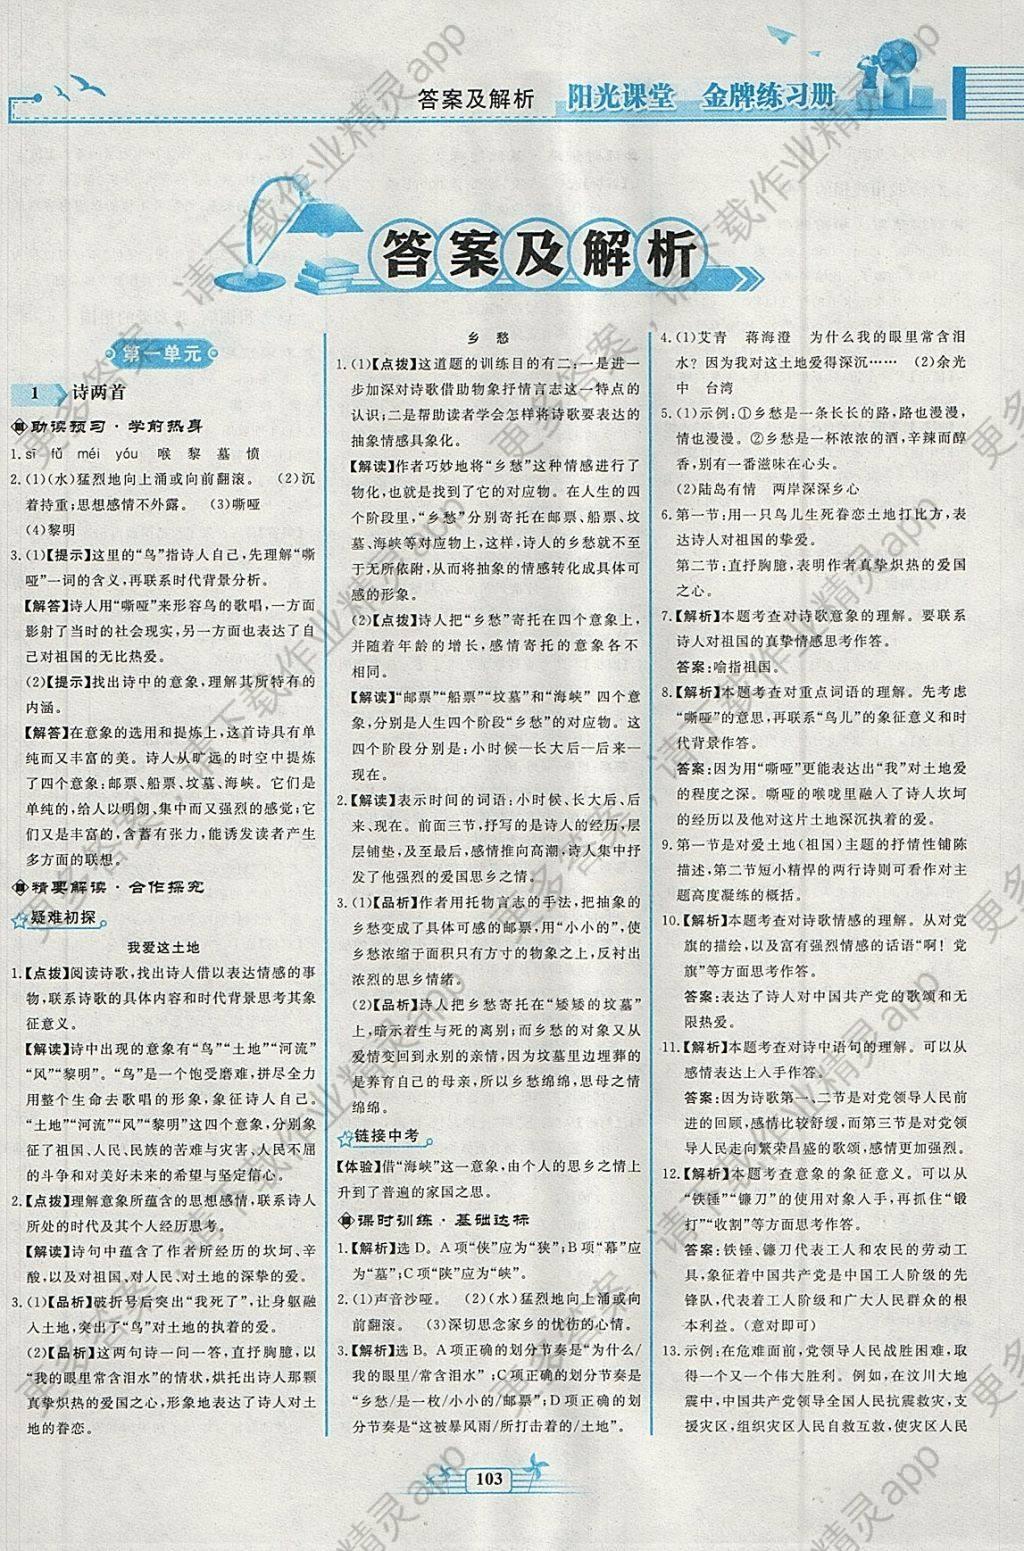 2018年阳光课堂金牌练习册九年级语文下册人教版答案图片